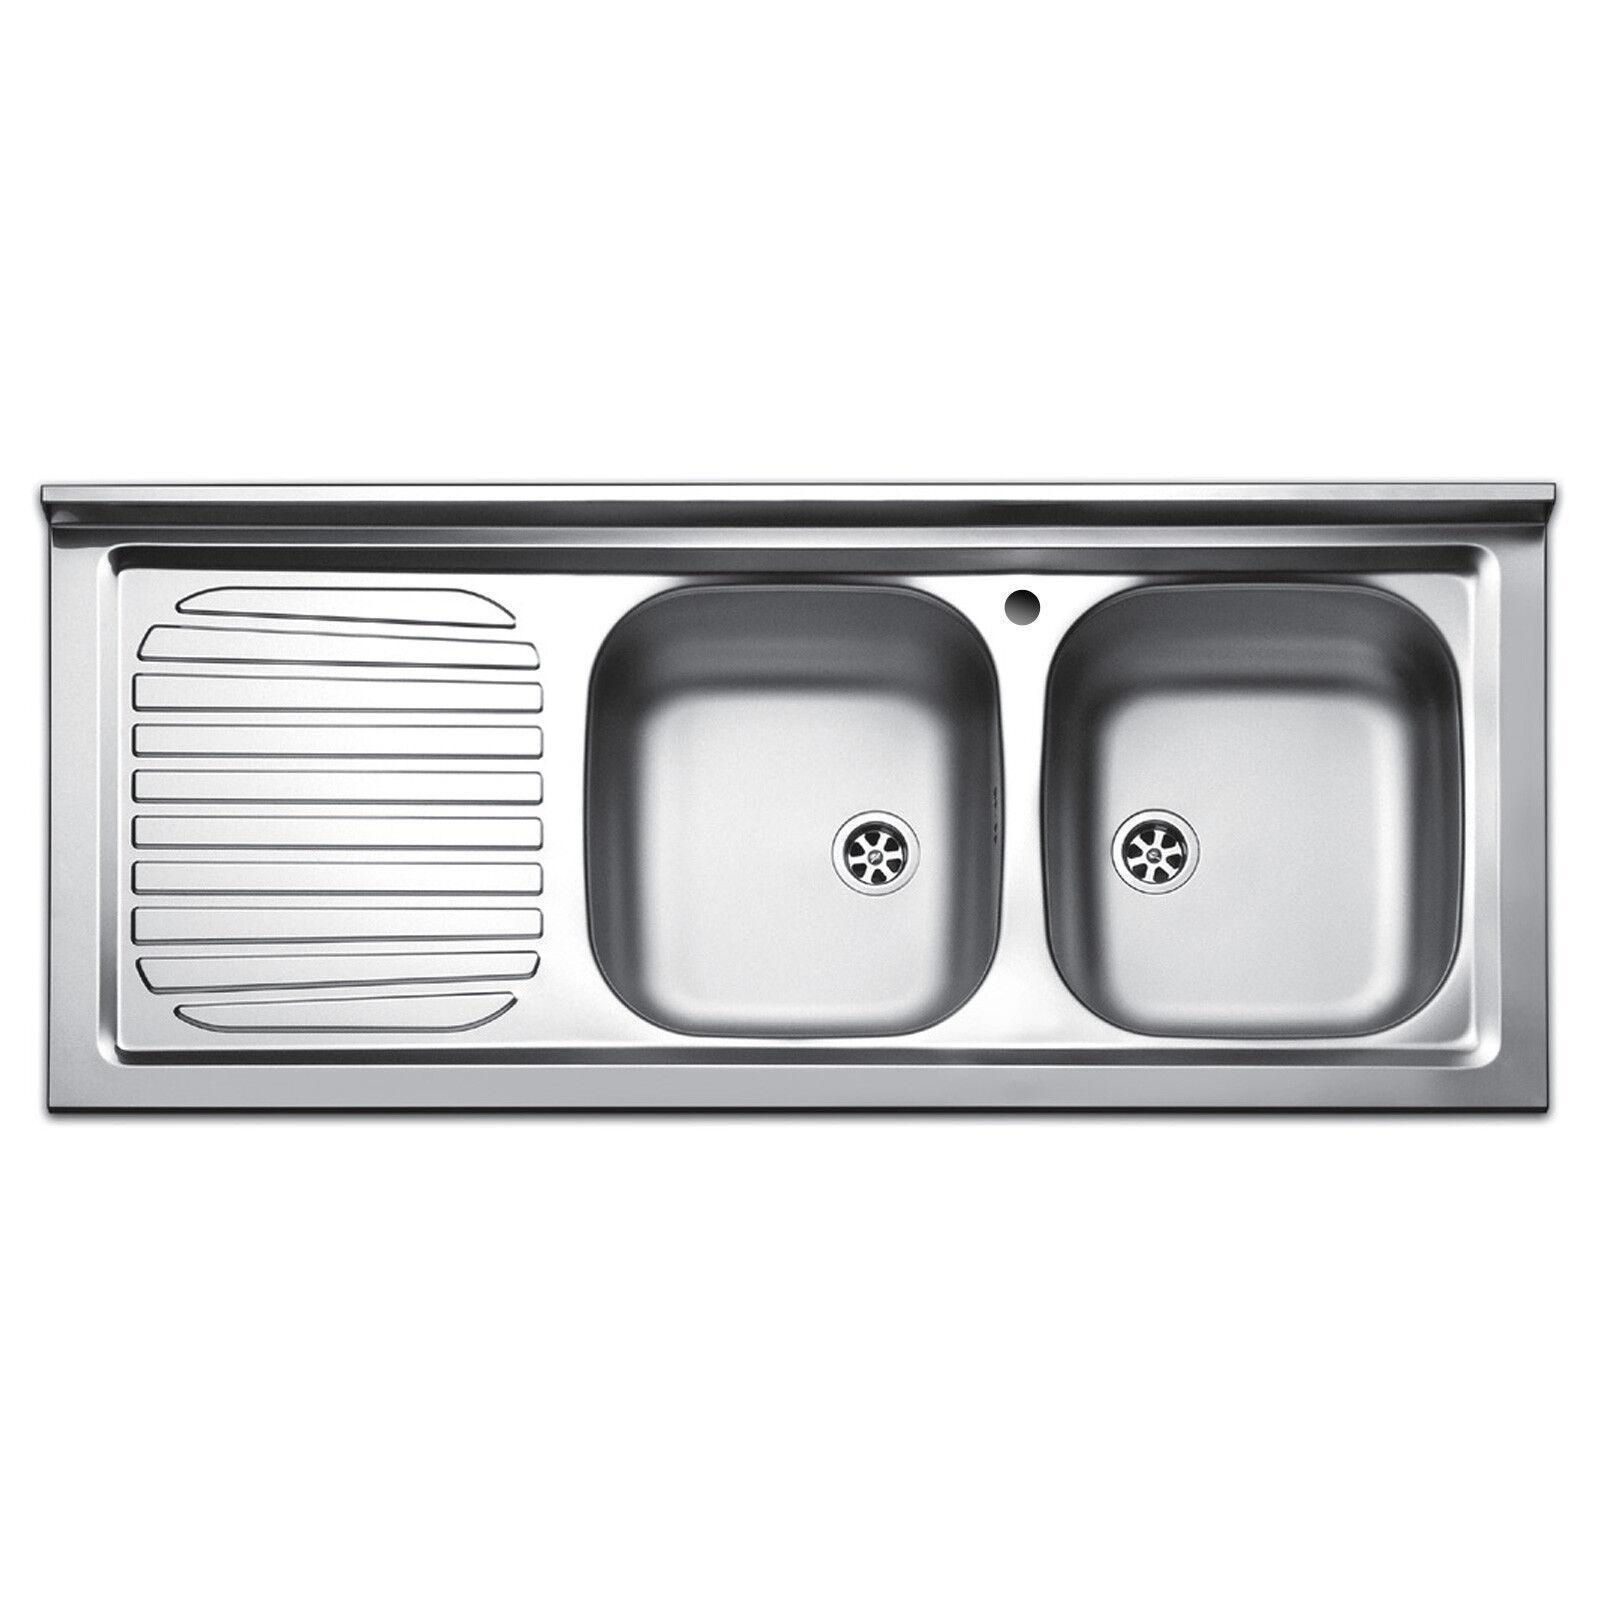 Lavandino in acciaio inox lavello appoggio da cucina 120 cm scolapiatti sinistra